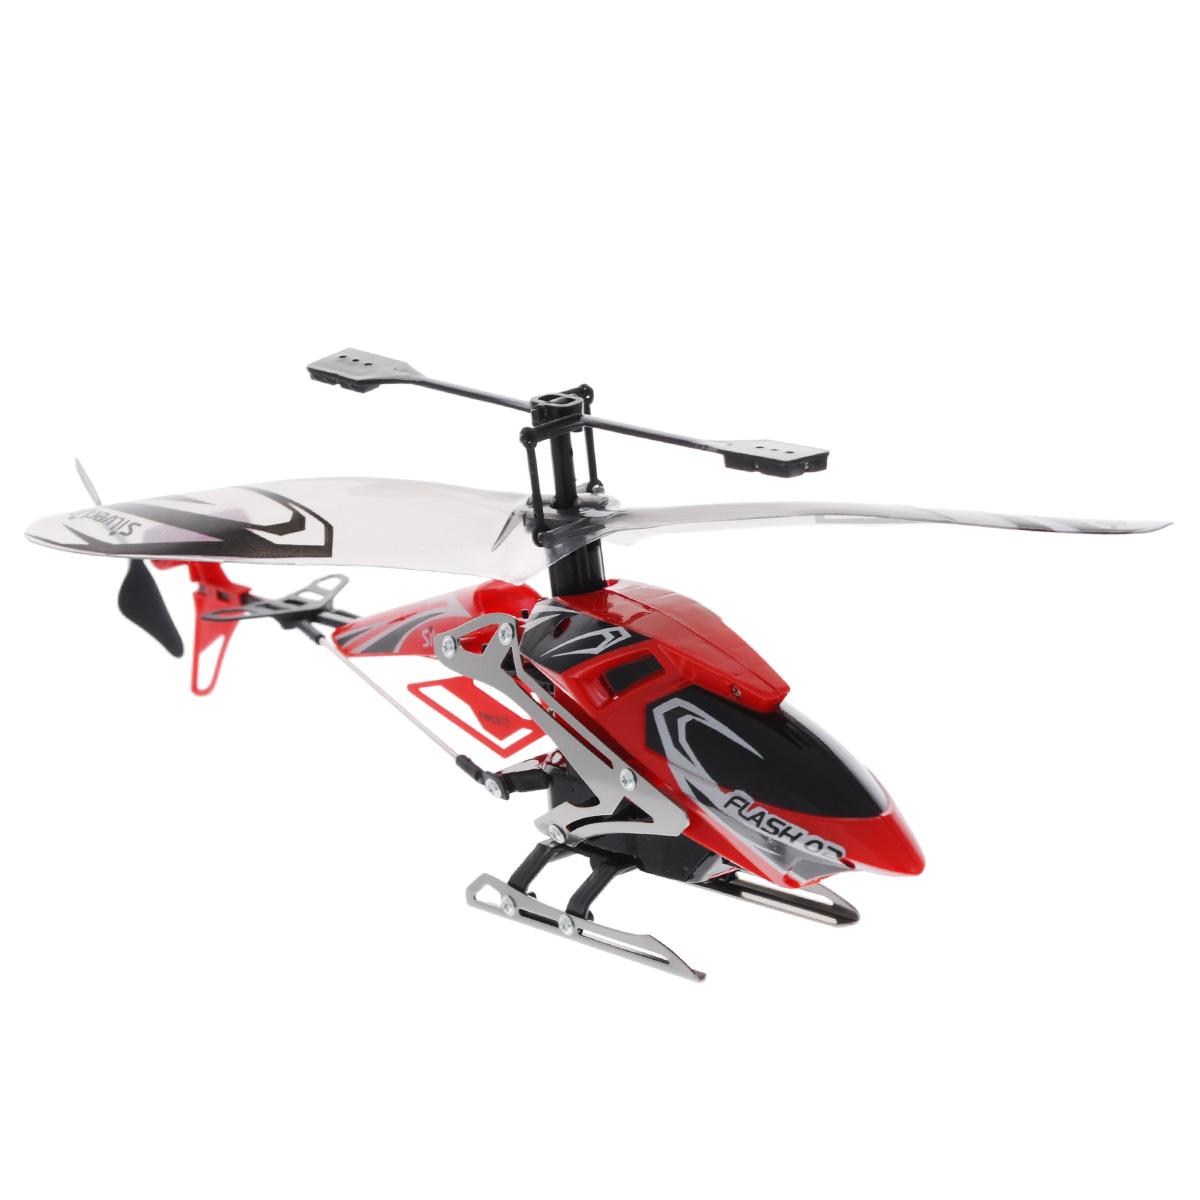 Silverlit Вертолет на радиоуправлении Штурмовик цвет красный - Радиоуправляемые игрушки